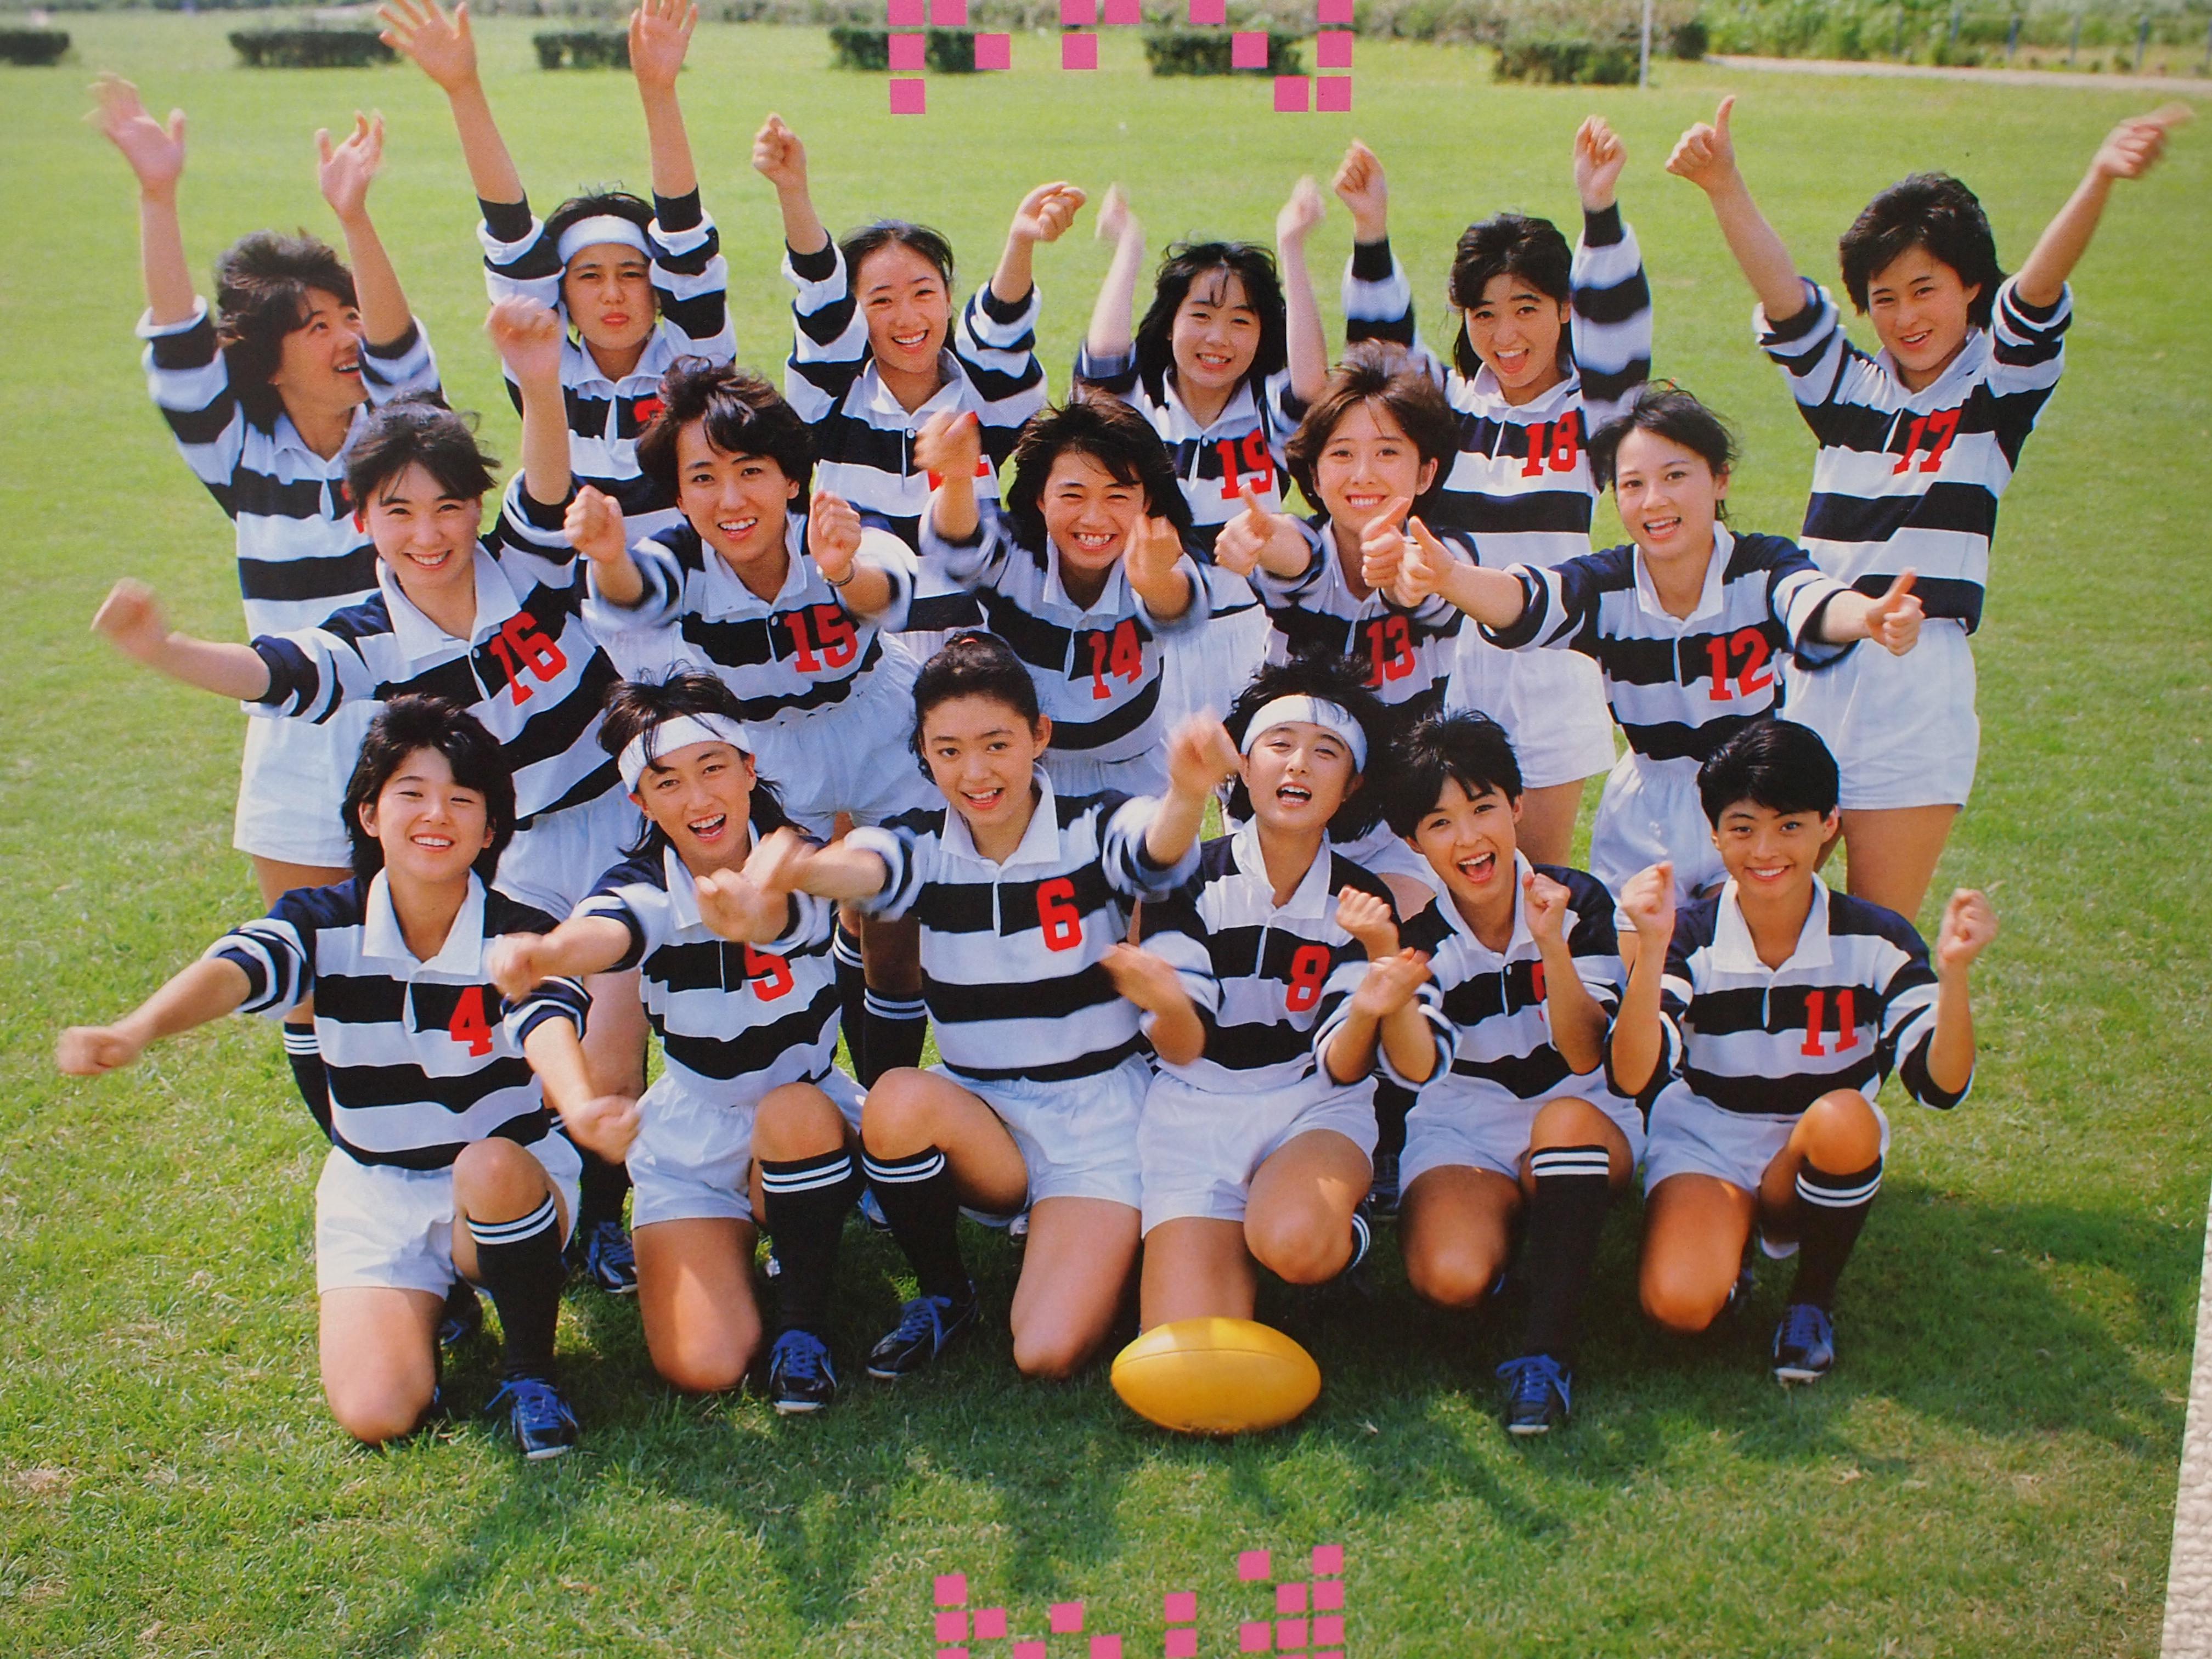 ブービー日記  名曲再会-2 おニャン子クラブ 「KICK OFF」コメントトラックバック                ブービー